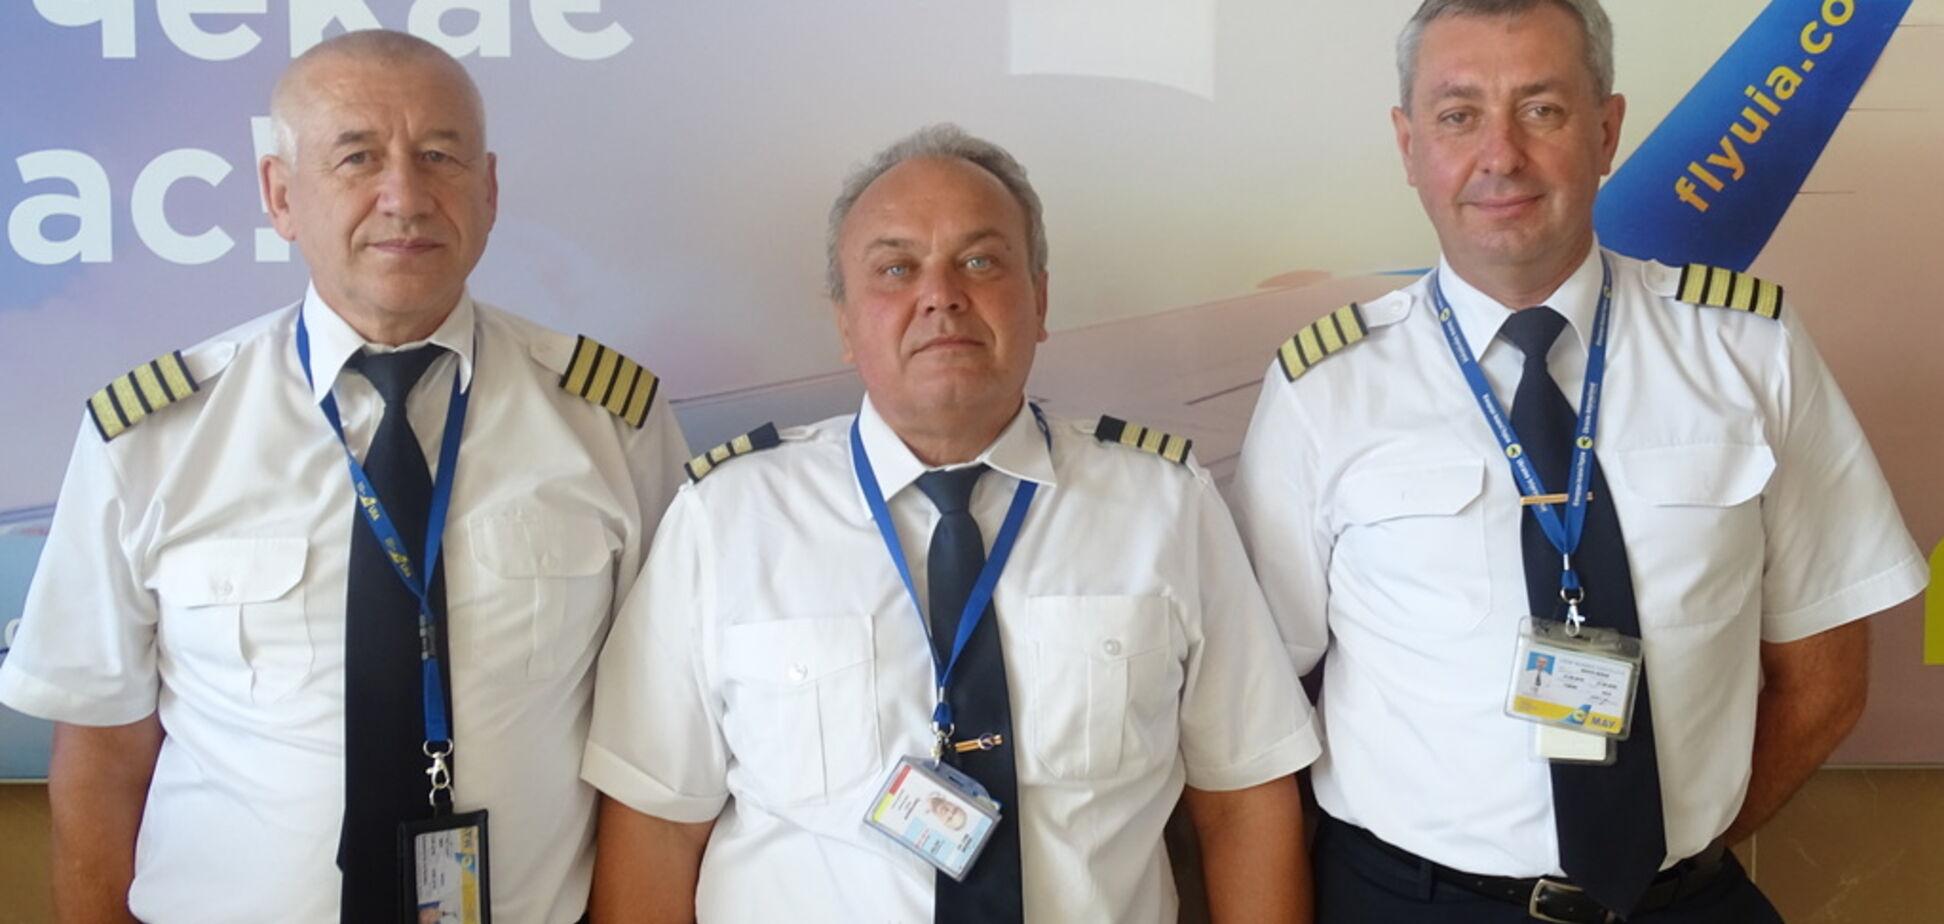 Пілоти готові до всього, а посадити літак можуть і з одним двигуном: льотчики МАУ розповіли, як працюють в аварійних ситуаціях